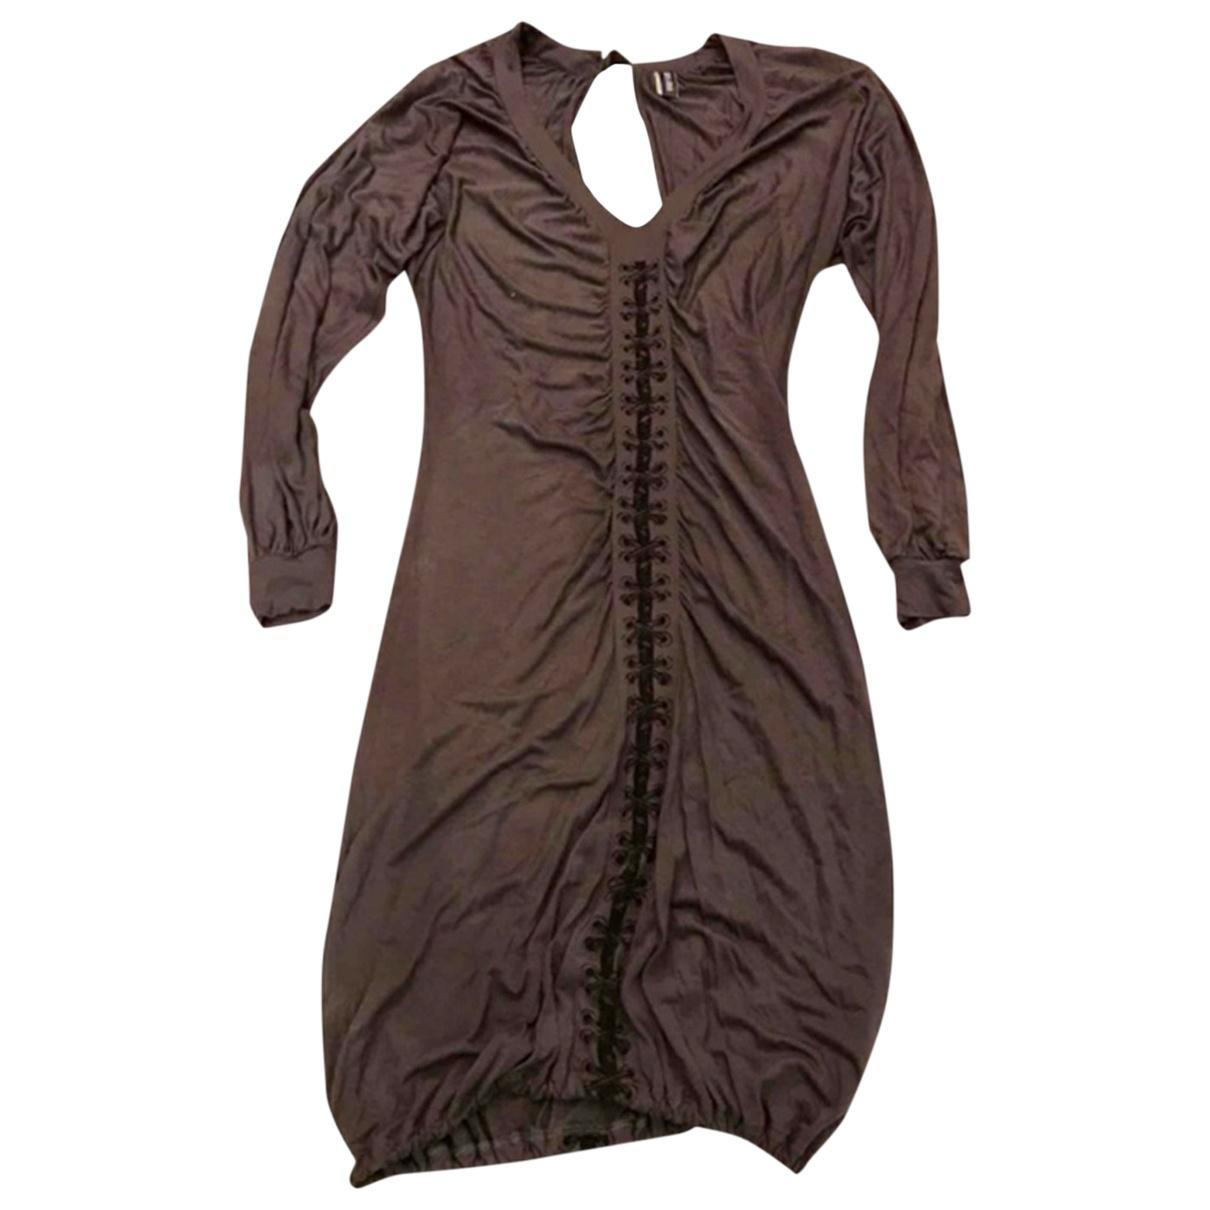 Jean Paul Gaultier \N Brown dress for Women XS International